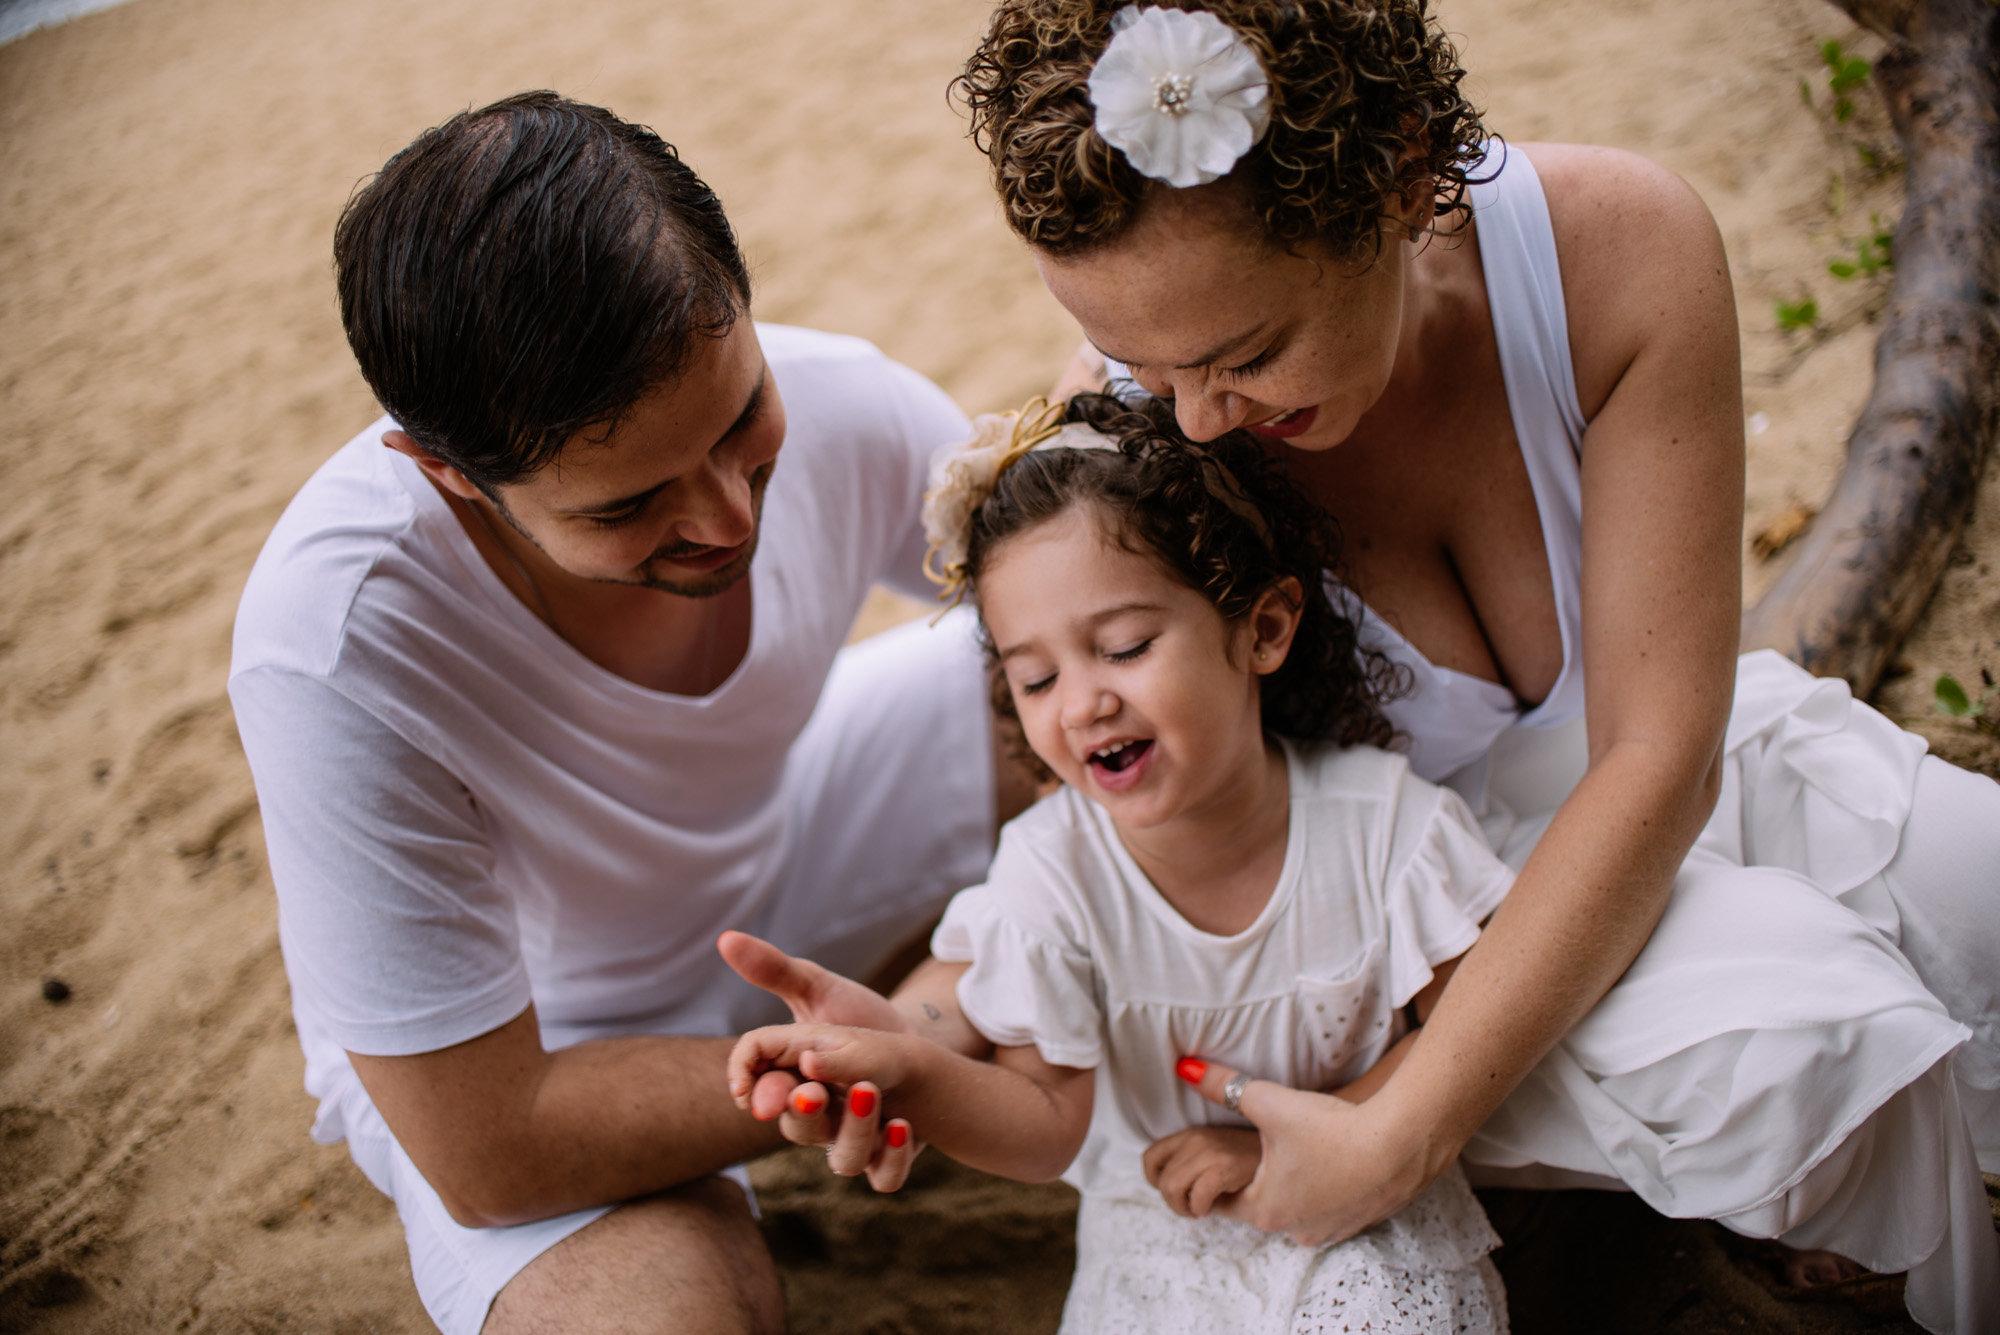 momentos divertidos em família na praia